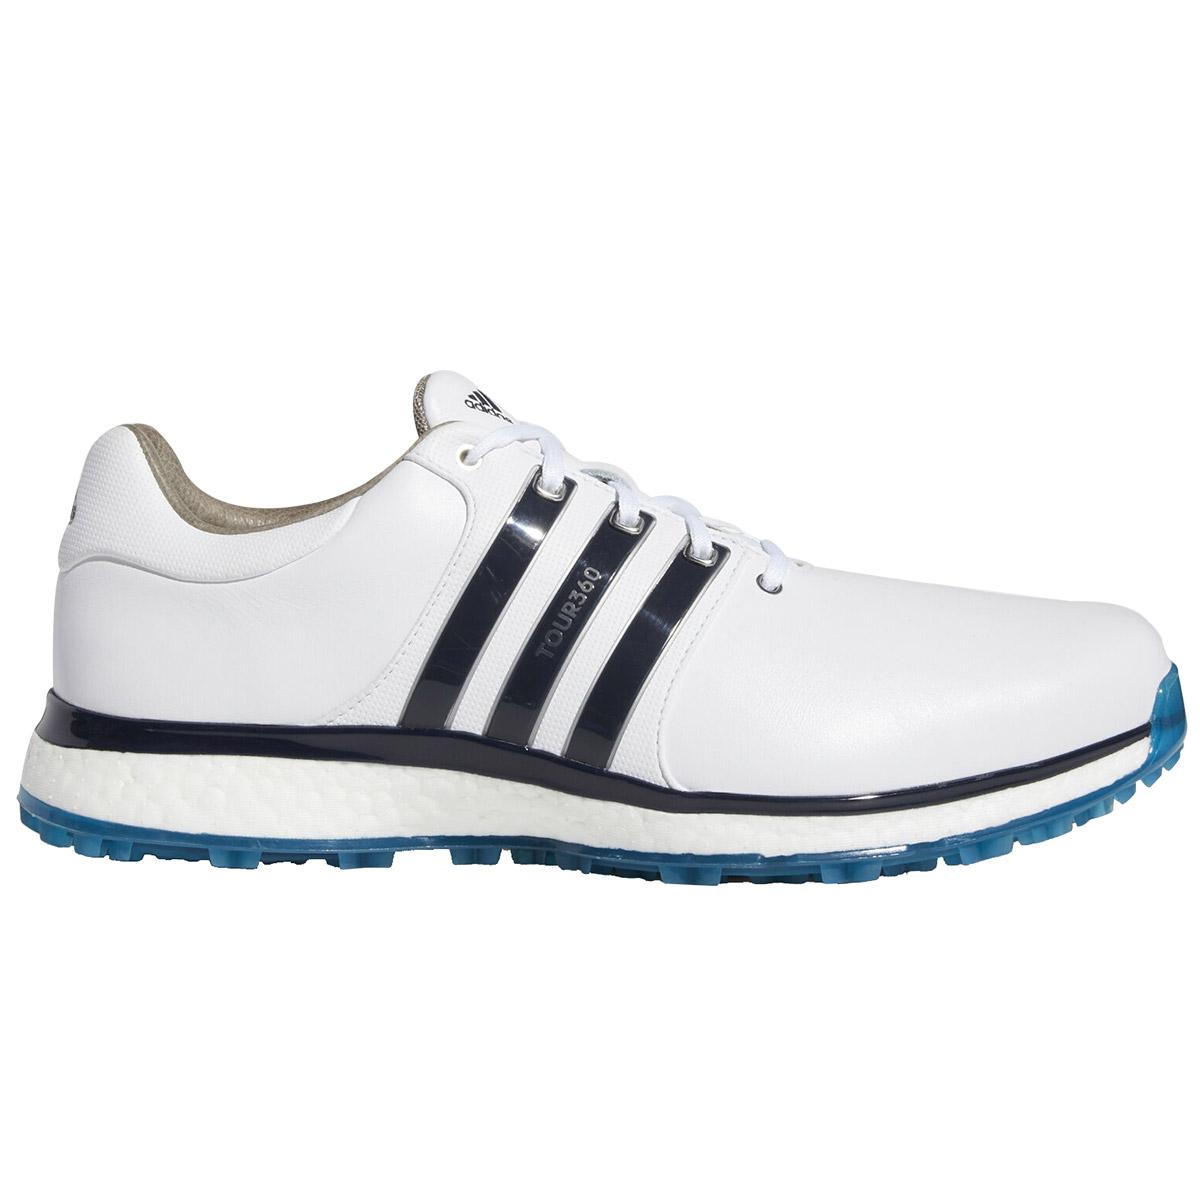 magasin en ligne 79a27 7fd43 adidas Golf Tour 360 XT-SL Limited Edition Shoes